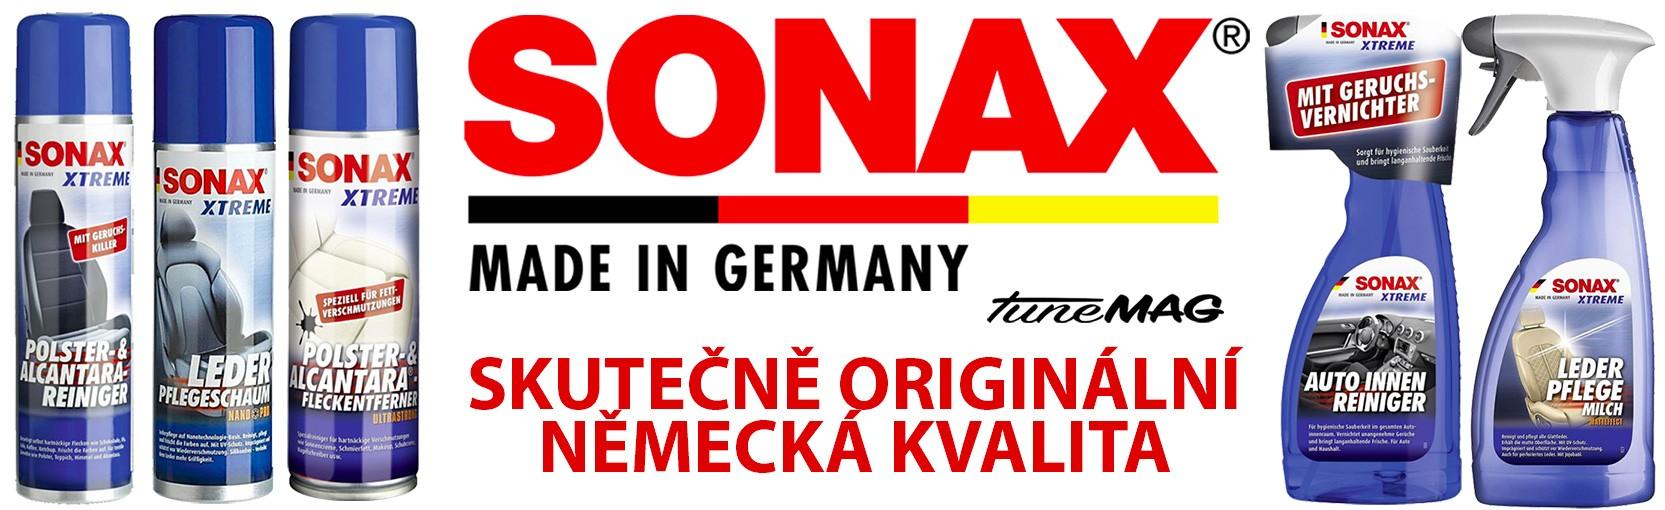 Akční zboží SONAX XTREME pro dokonalou čistotu interiéru